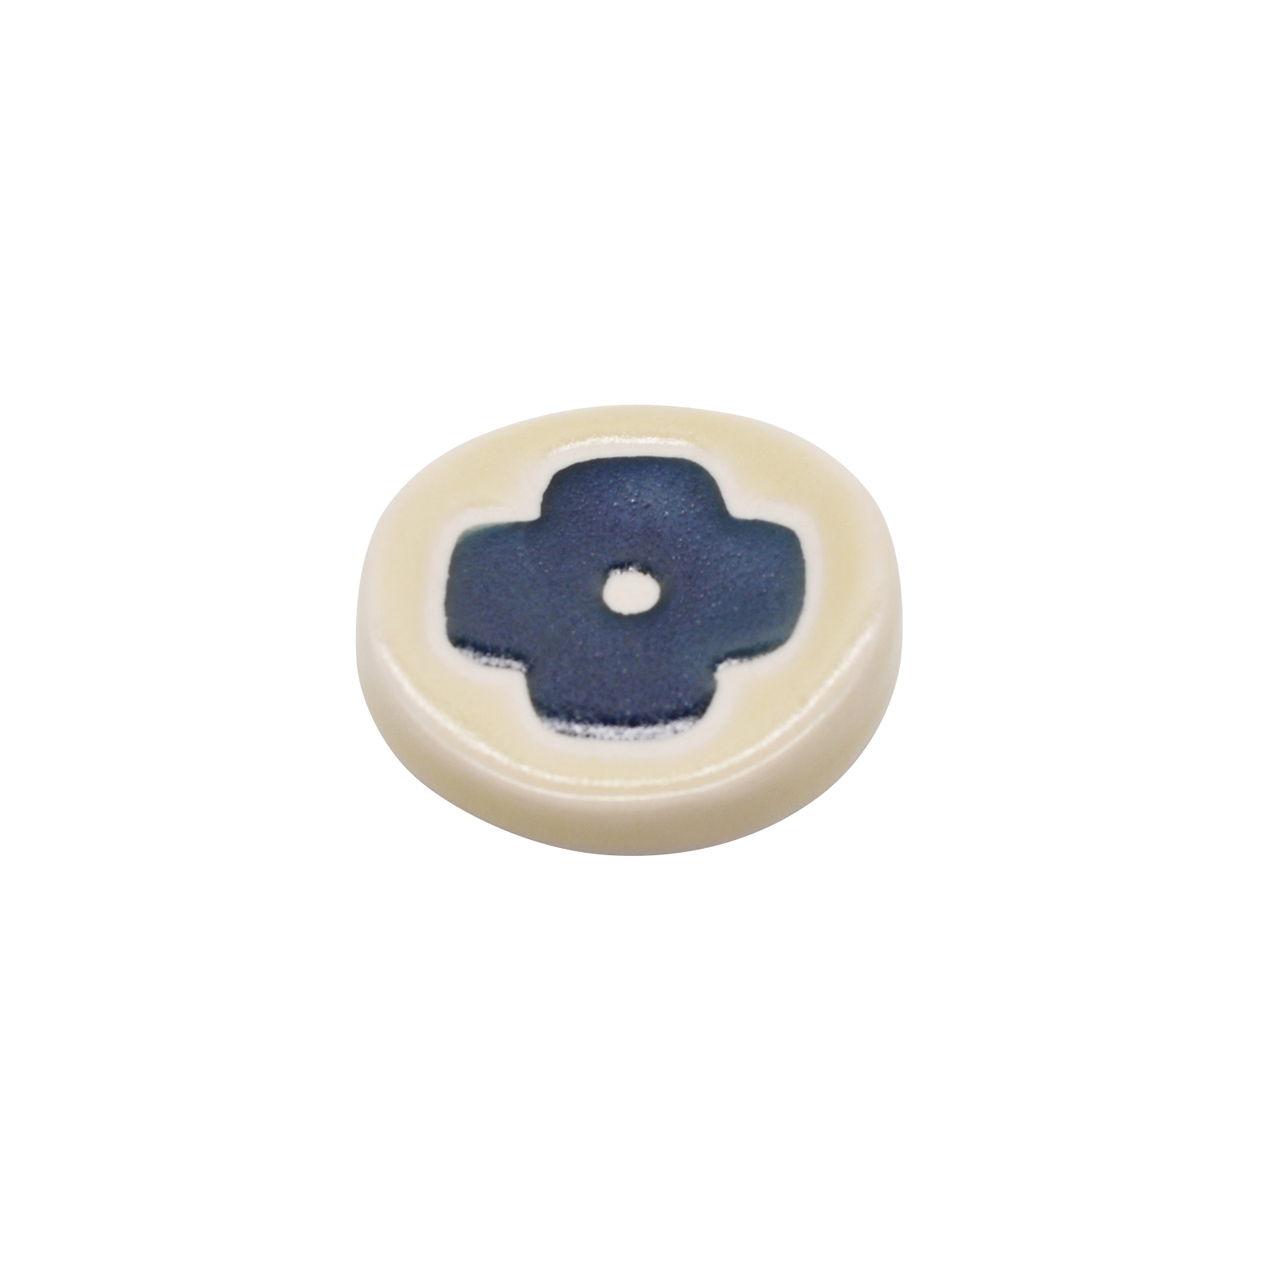 砥部焼 すこし屋 箸置き レスト 約4cm インディゴフラワー 229006